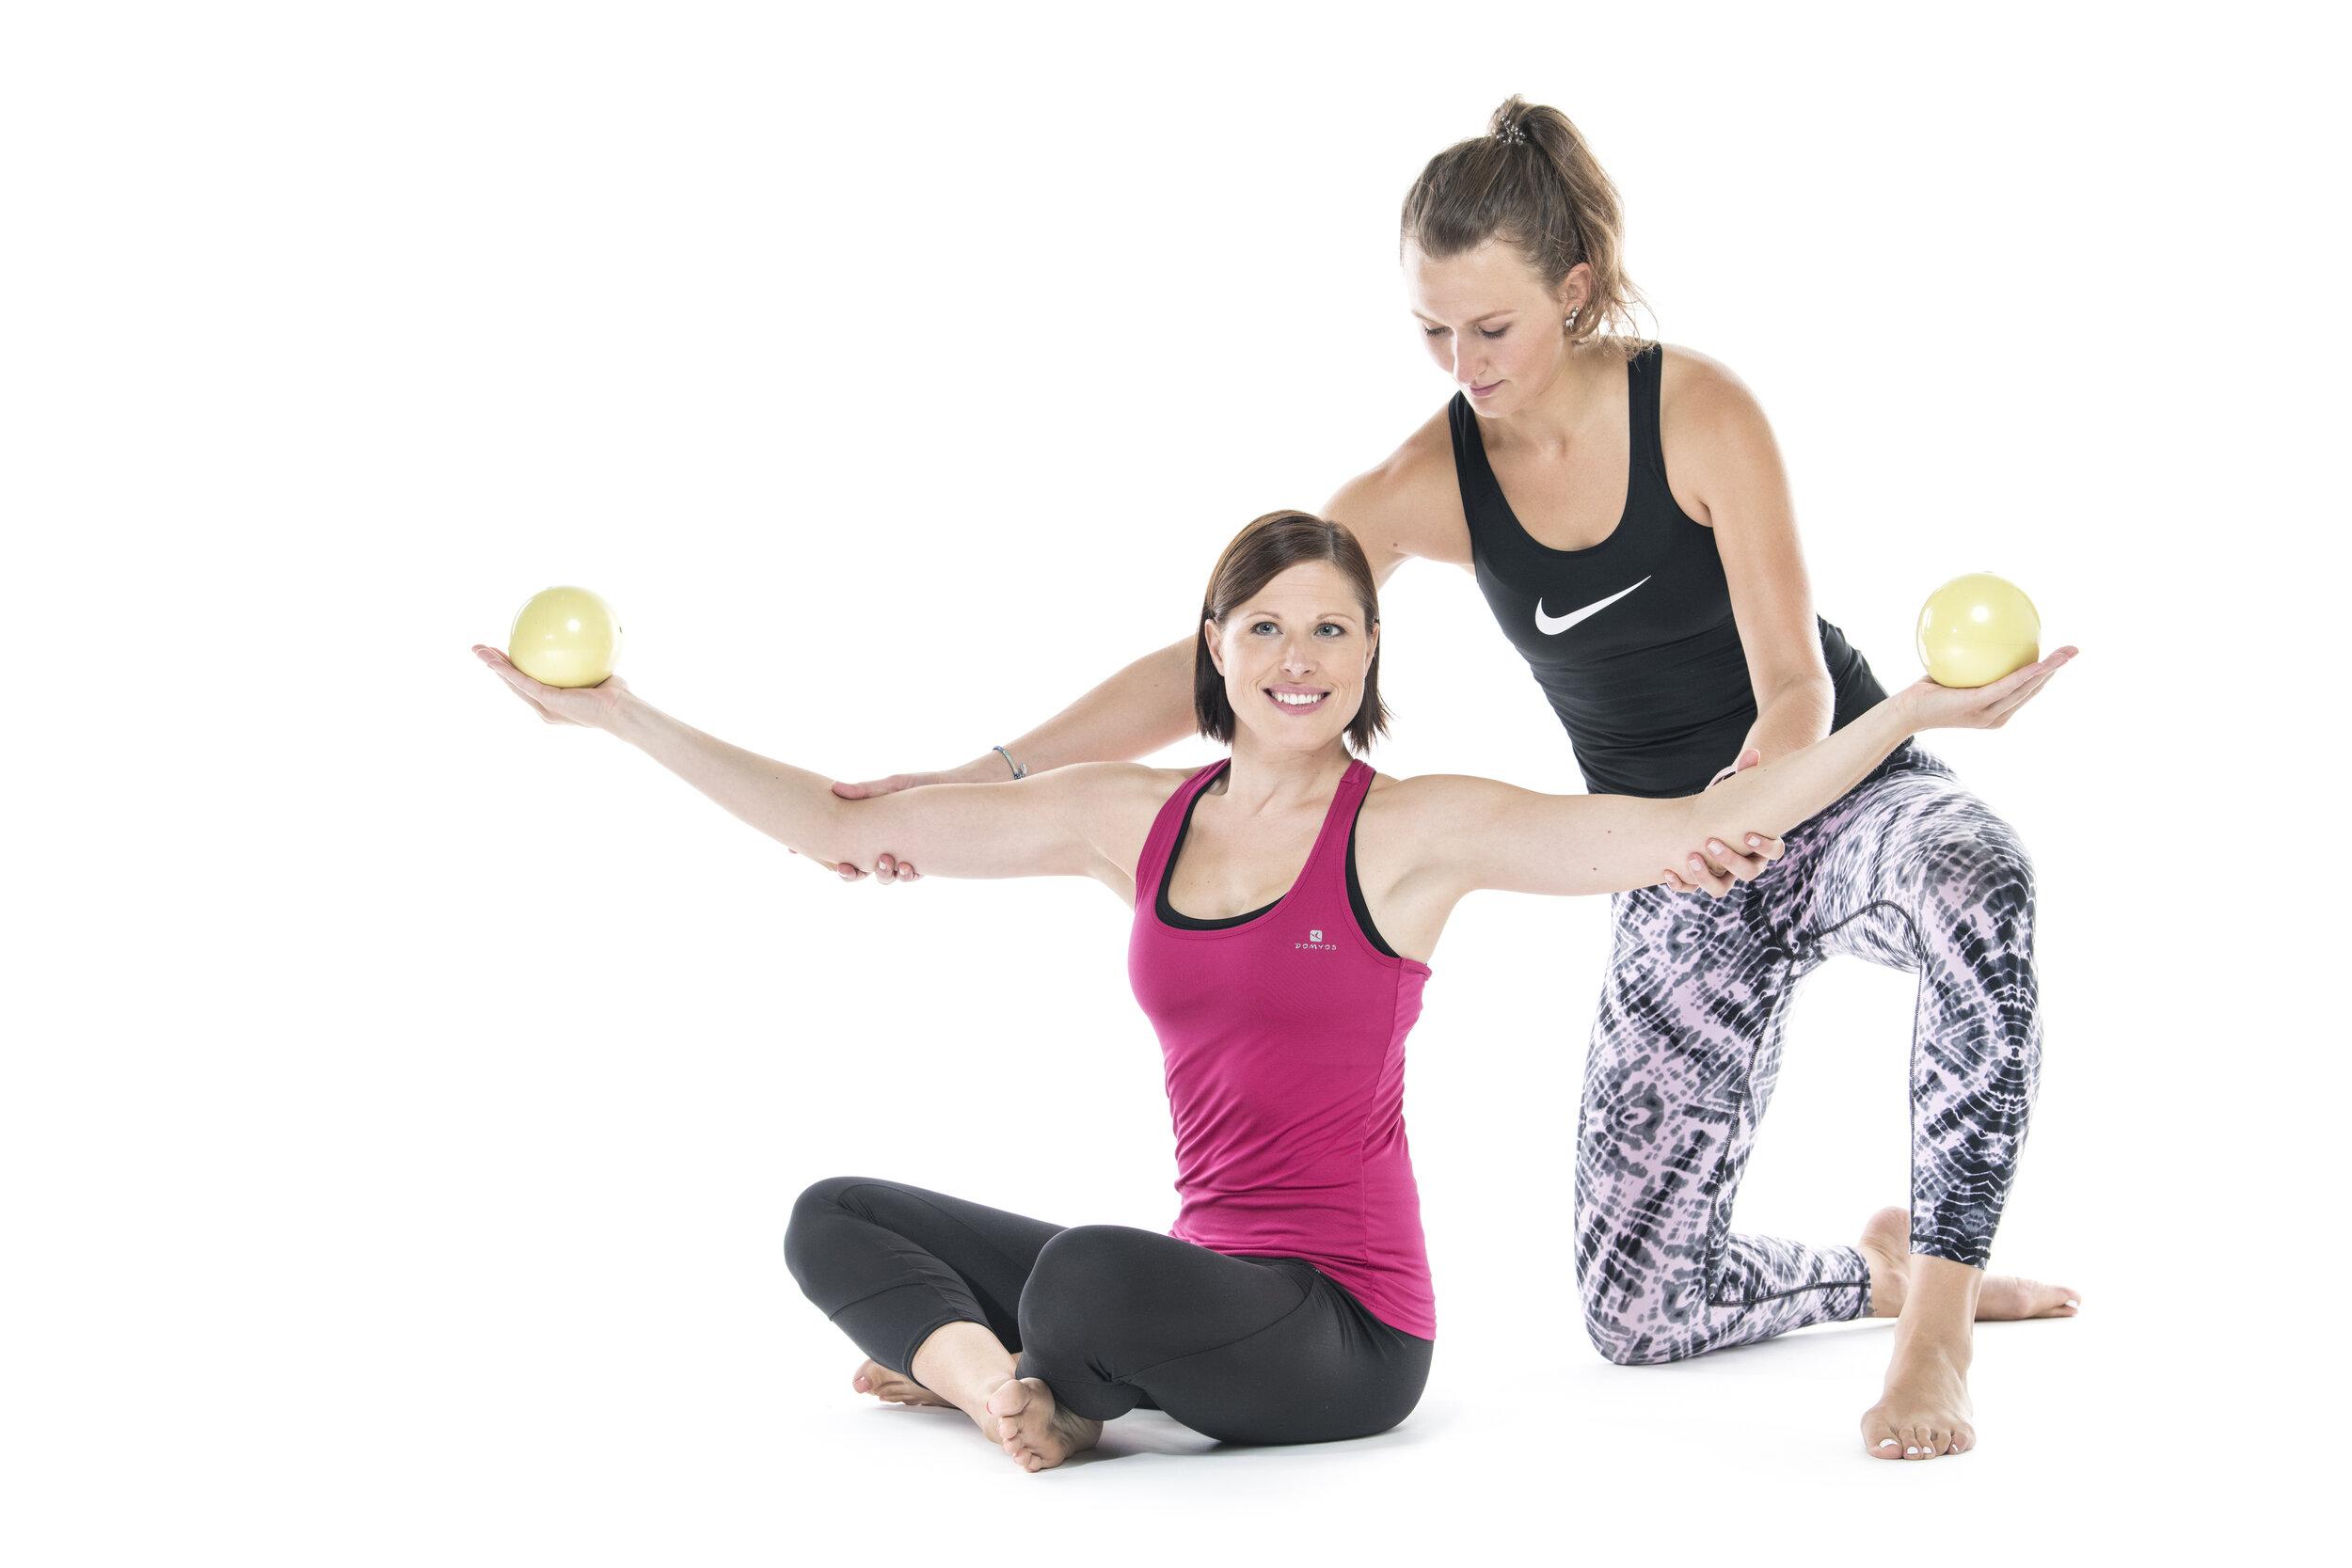 Solo - Prilagojena vadba pilatesa z inštruktorjem pri vas doma.Več informacij >